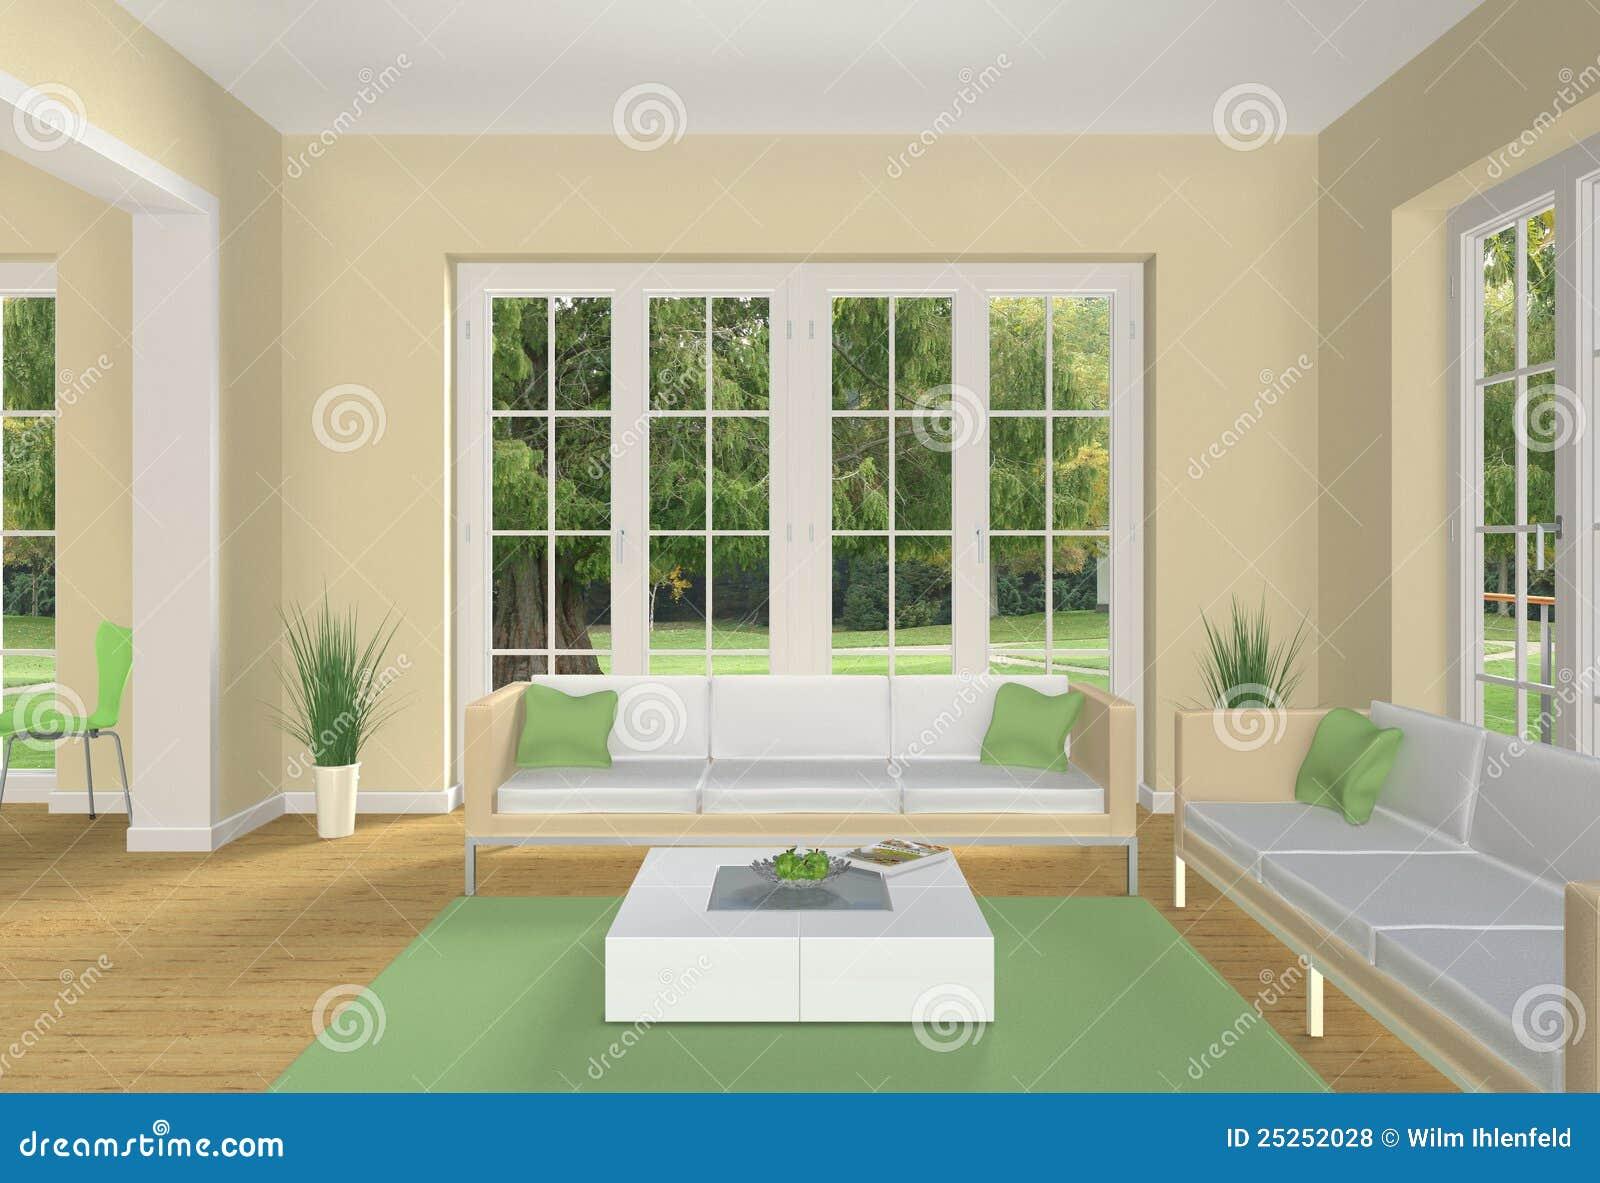 wohnzimmer pastell:Erfundenes Wohnzimmer mit Gelb grüne Farben und Ansicht dem zu einem